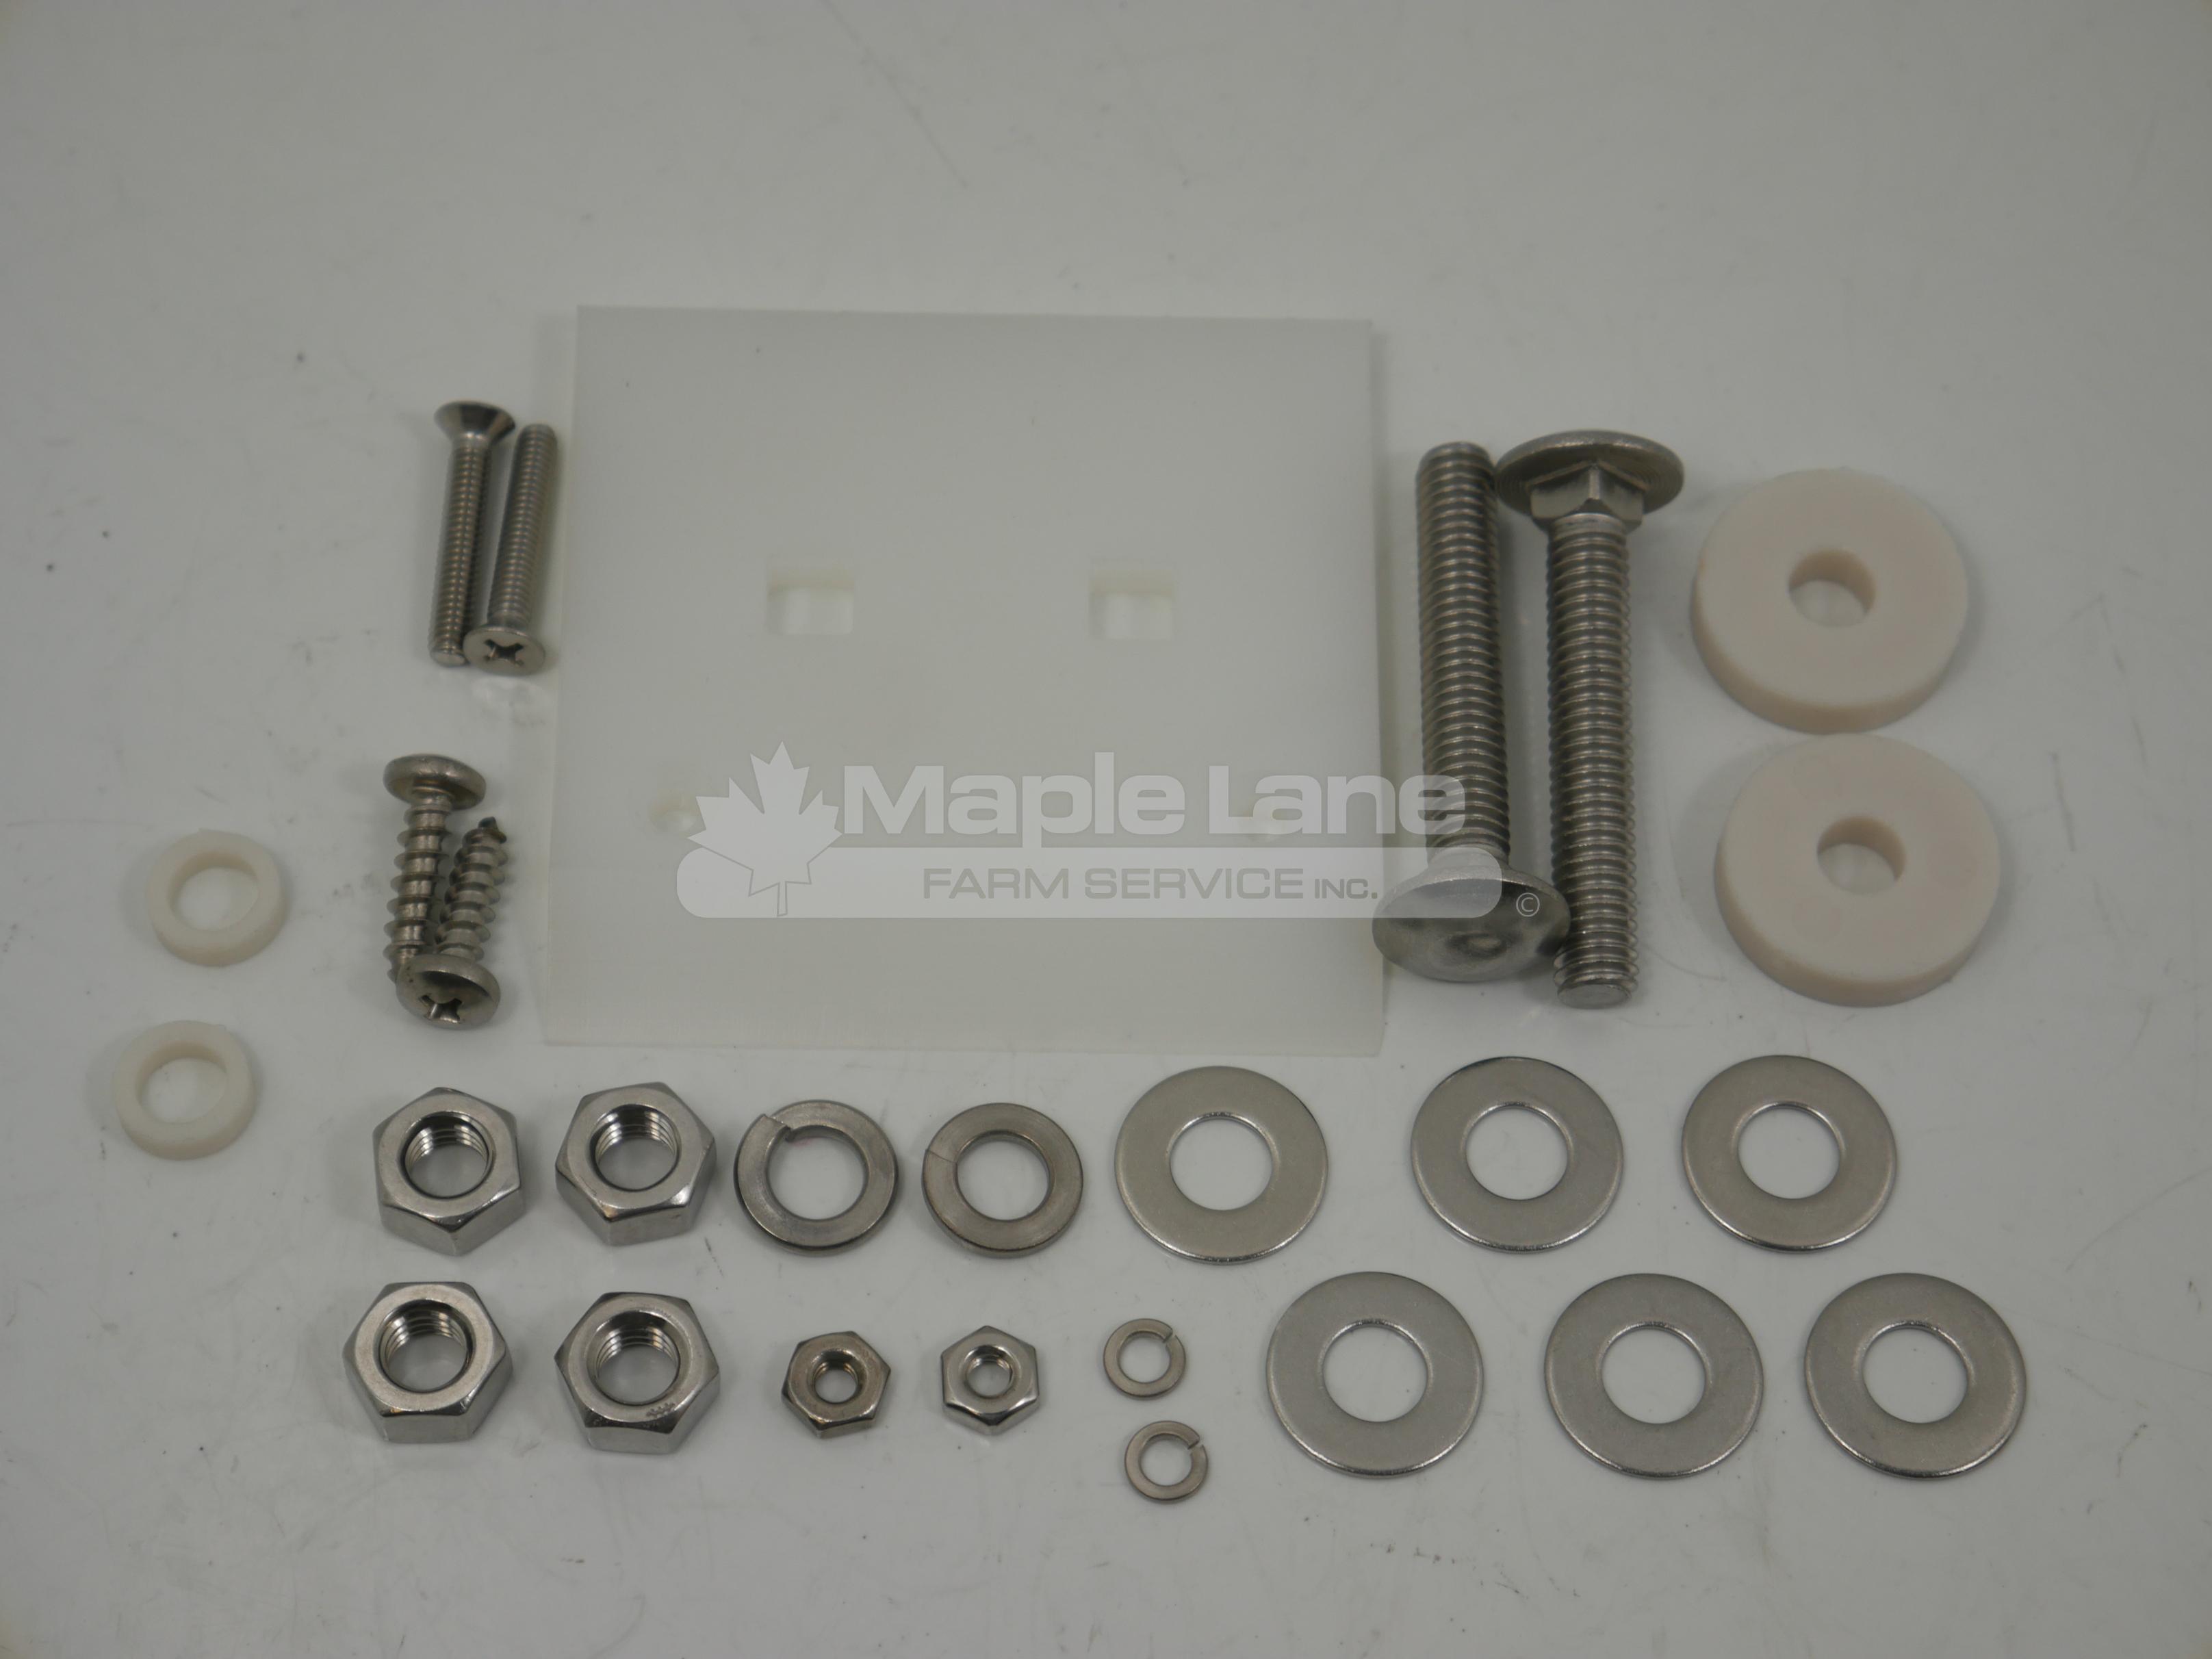 FX07157 Sensor Pad and Tester